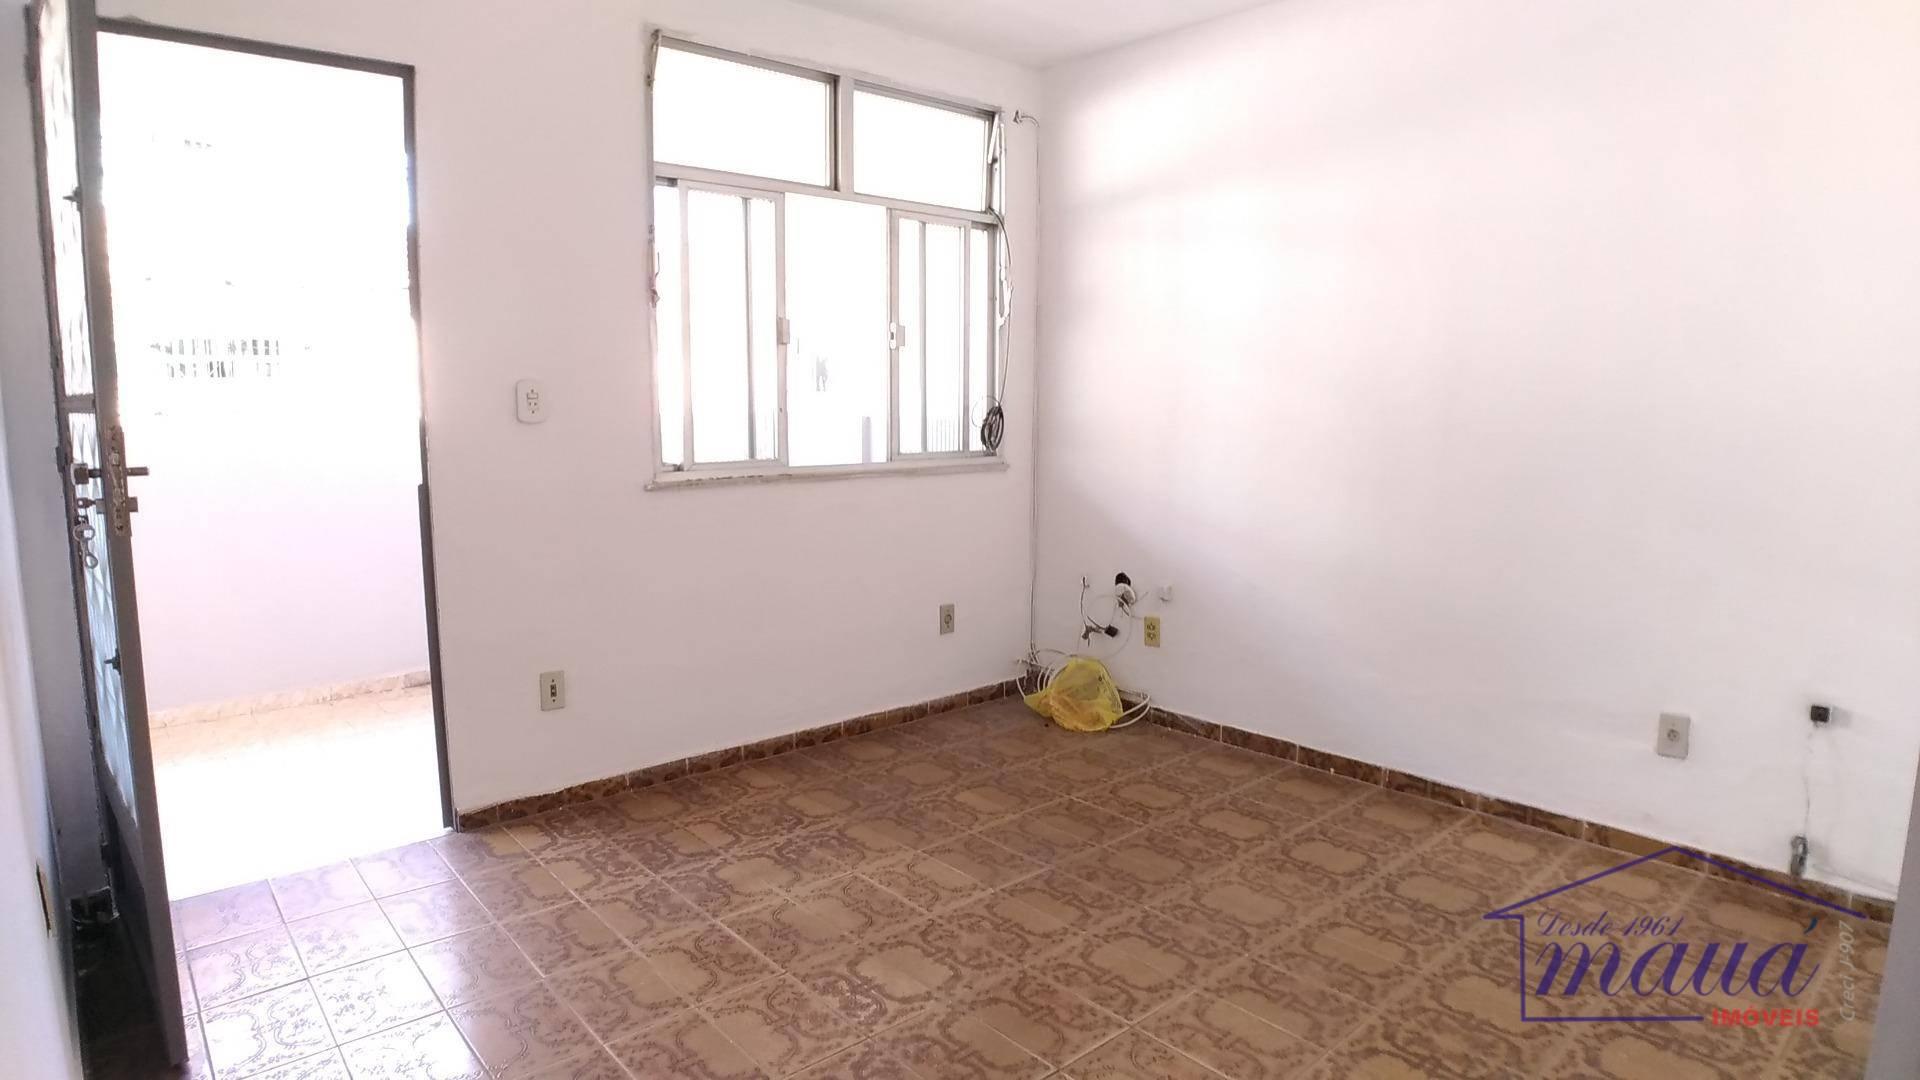 Casa em Jardim Primavera  -  Duque de Caxias - RJ